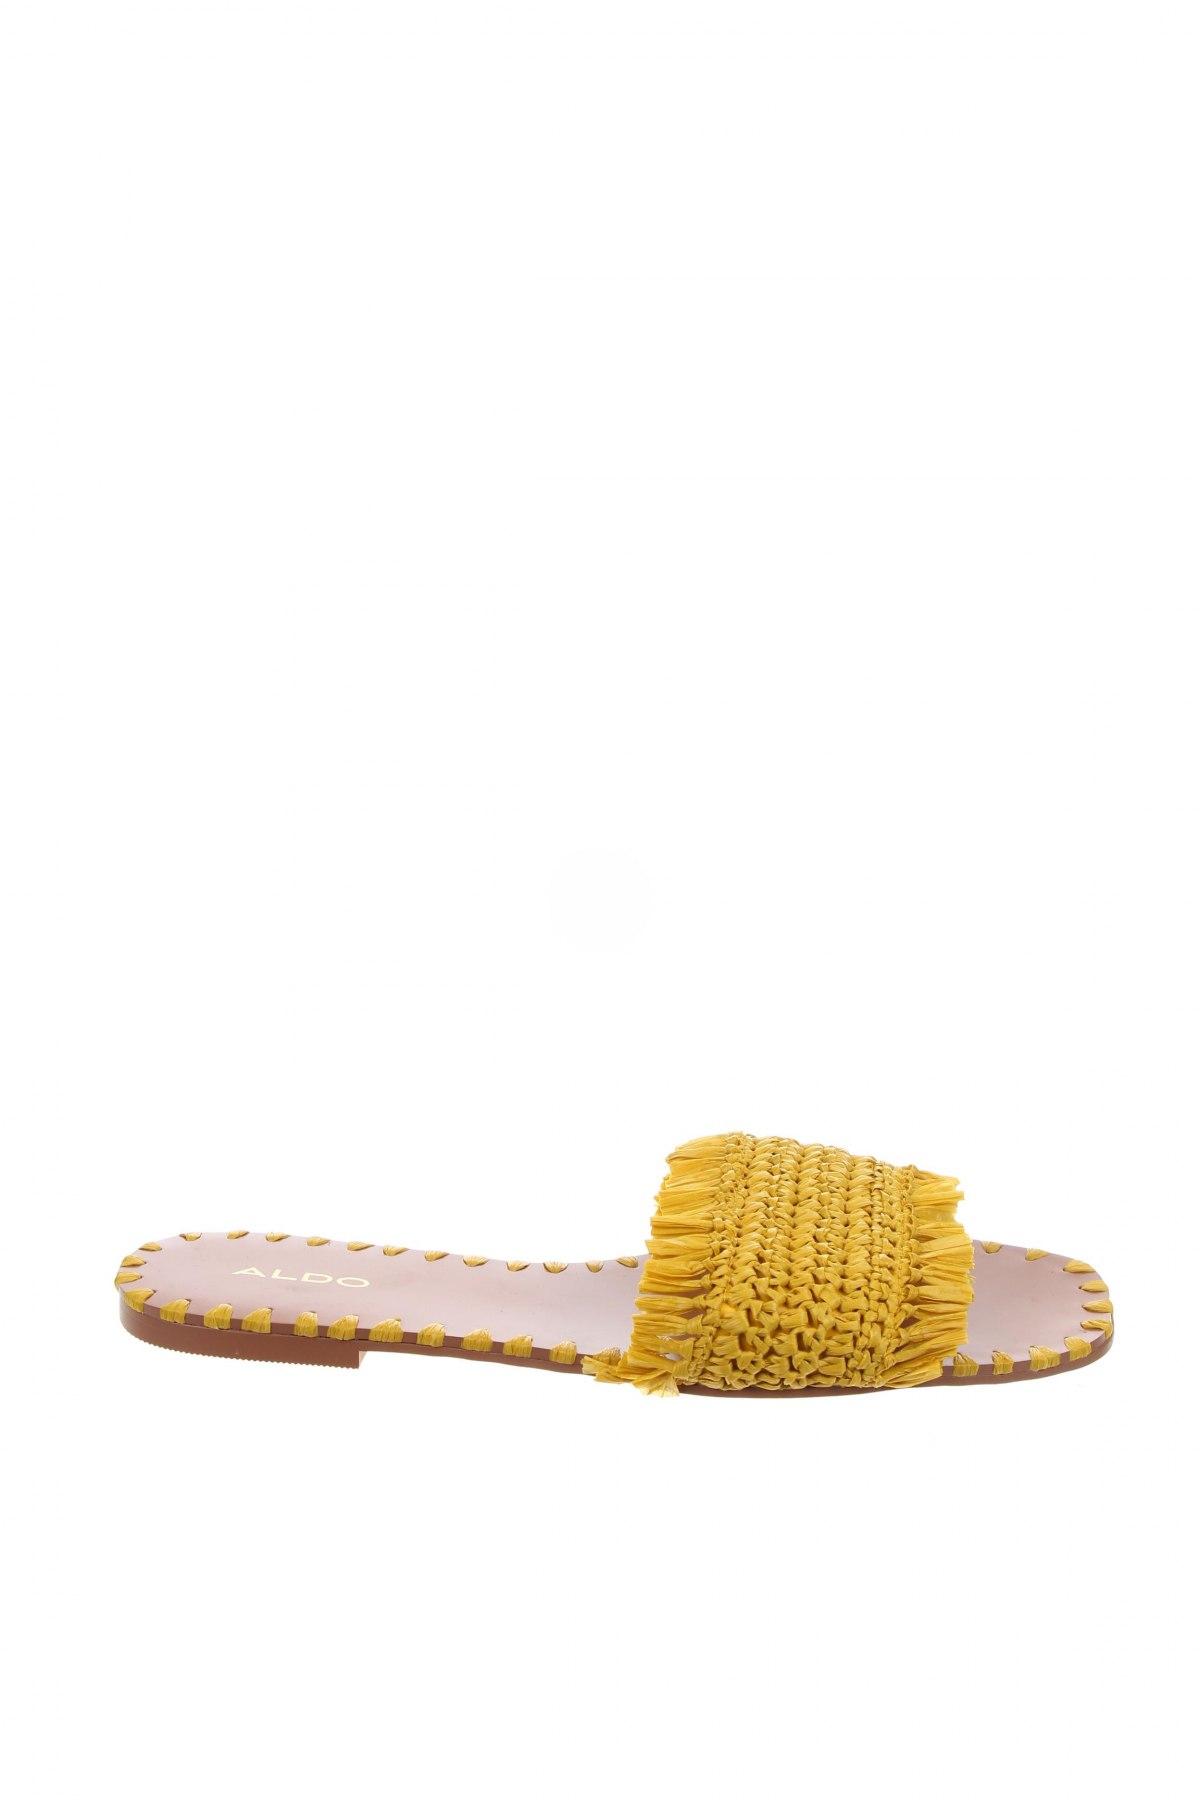 Γυναικείες παντόφλες Aldo, Μέγεθος 38, Χρώμα Κίτρινο, Κλωστοϋφαντουργικά προϊόντα, Τιμή 15,41€